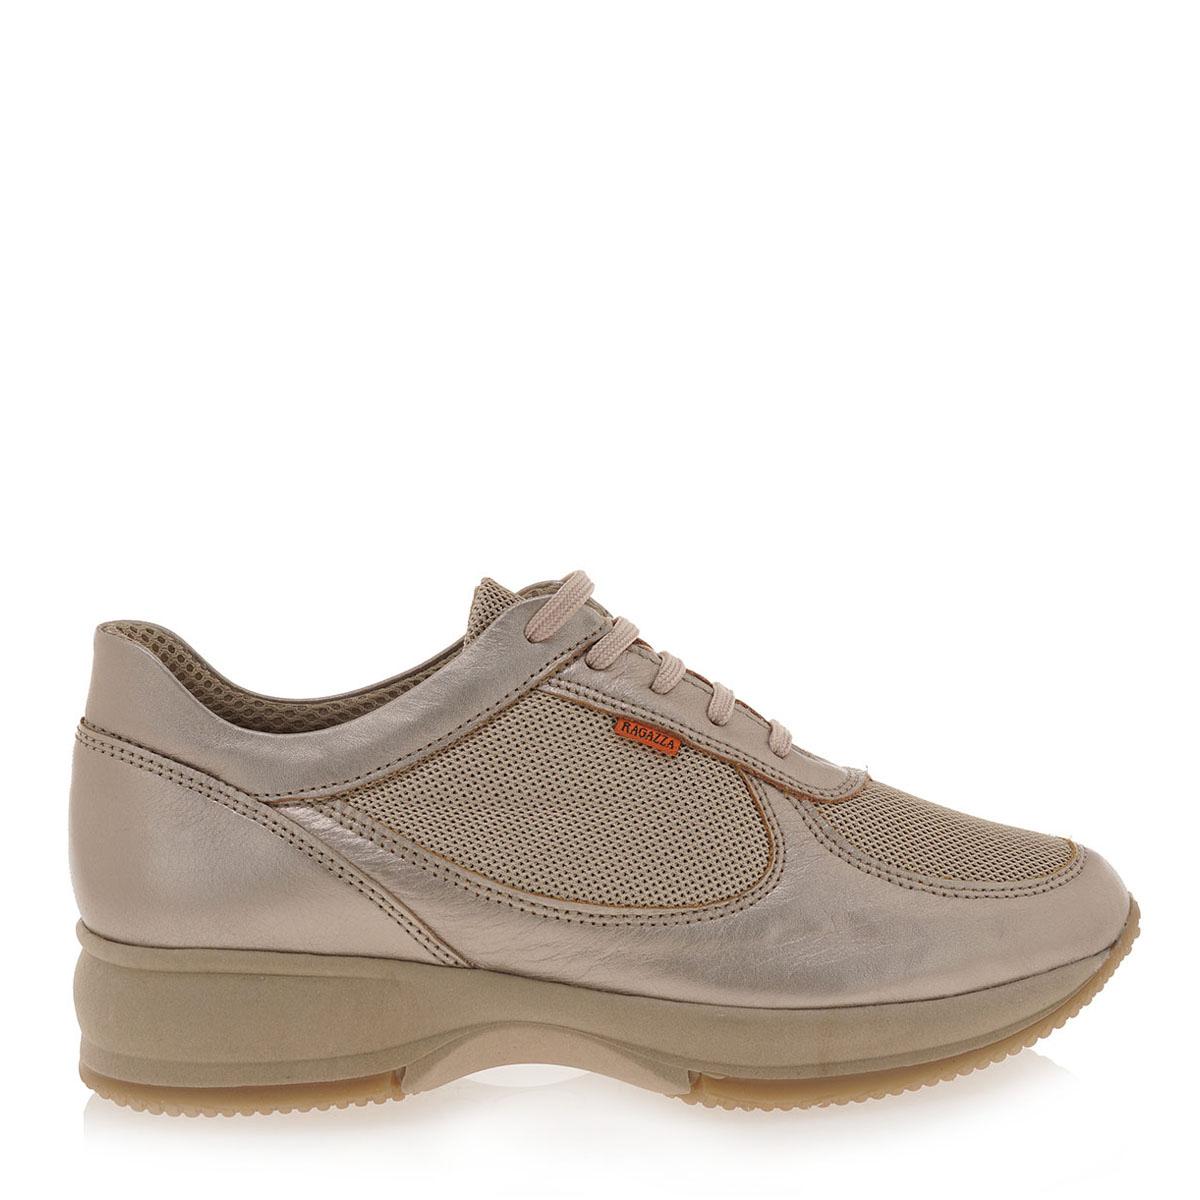 LACE-UP SHOES σχέδιο: I142L2612 γυναικεια   lace up shoes